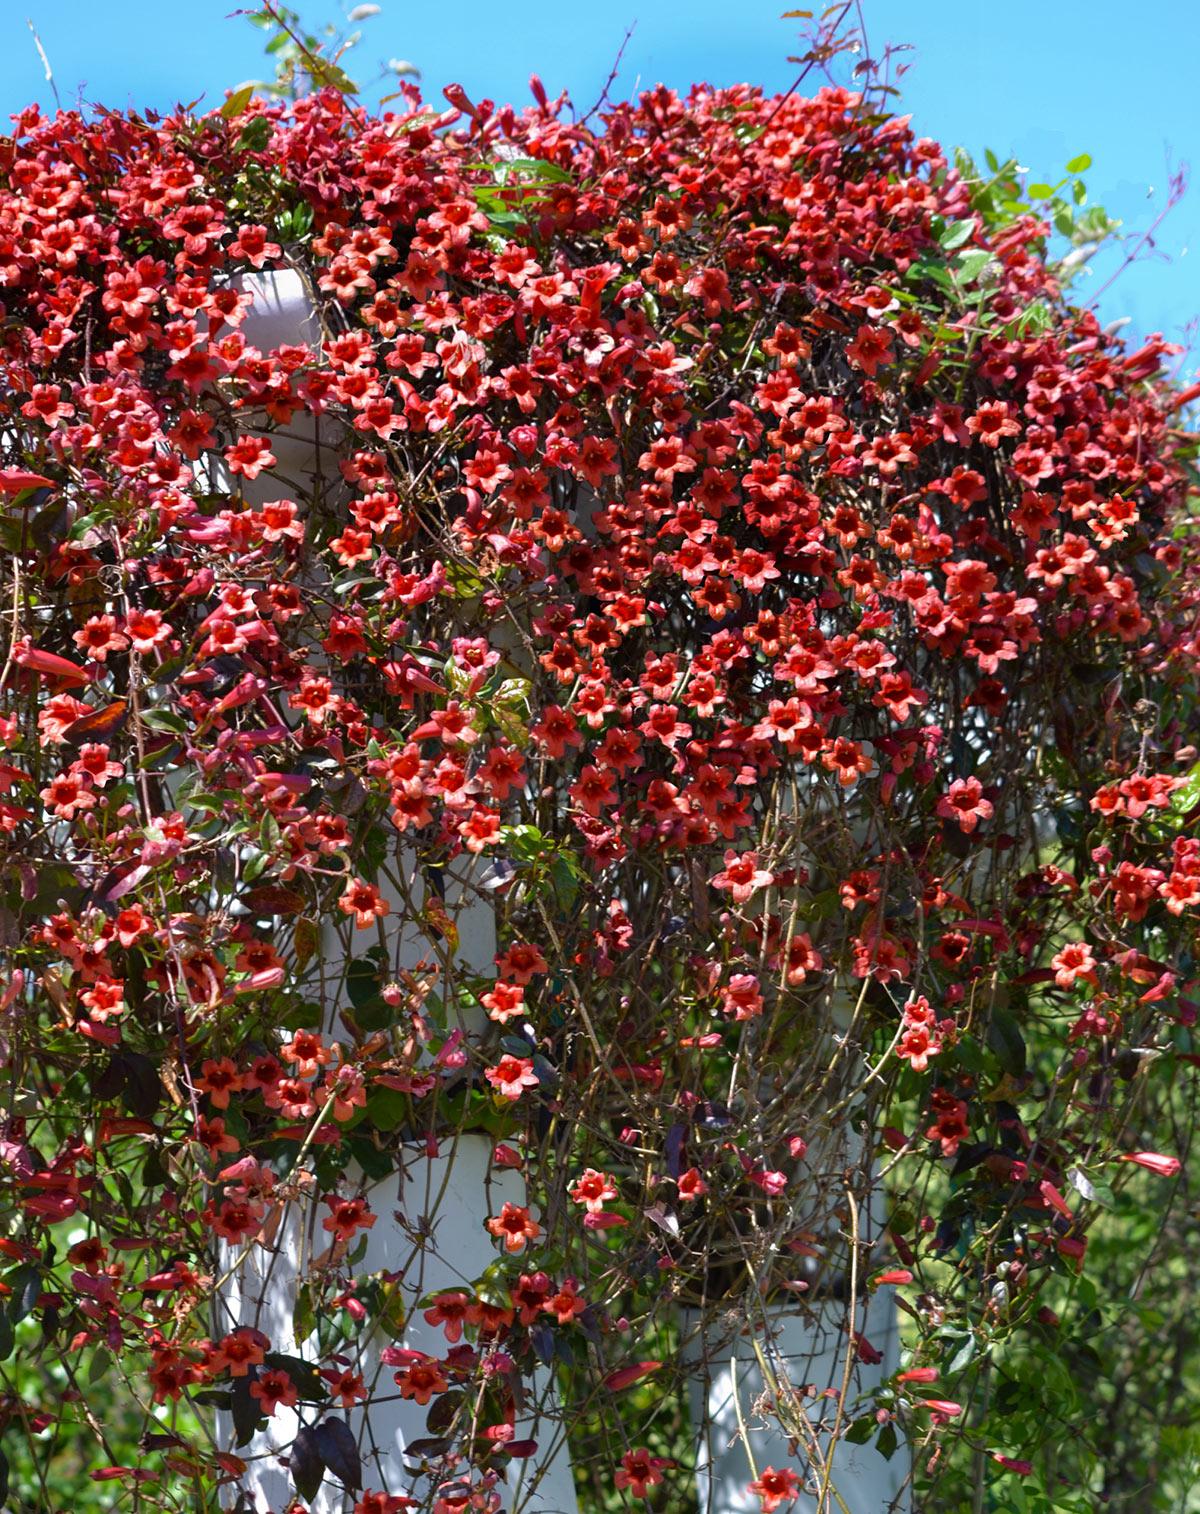 Piante Rampicanti Da Esterno 12 piante rampicanti per un pergolato magnifico! ispiratevi